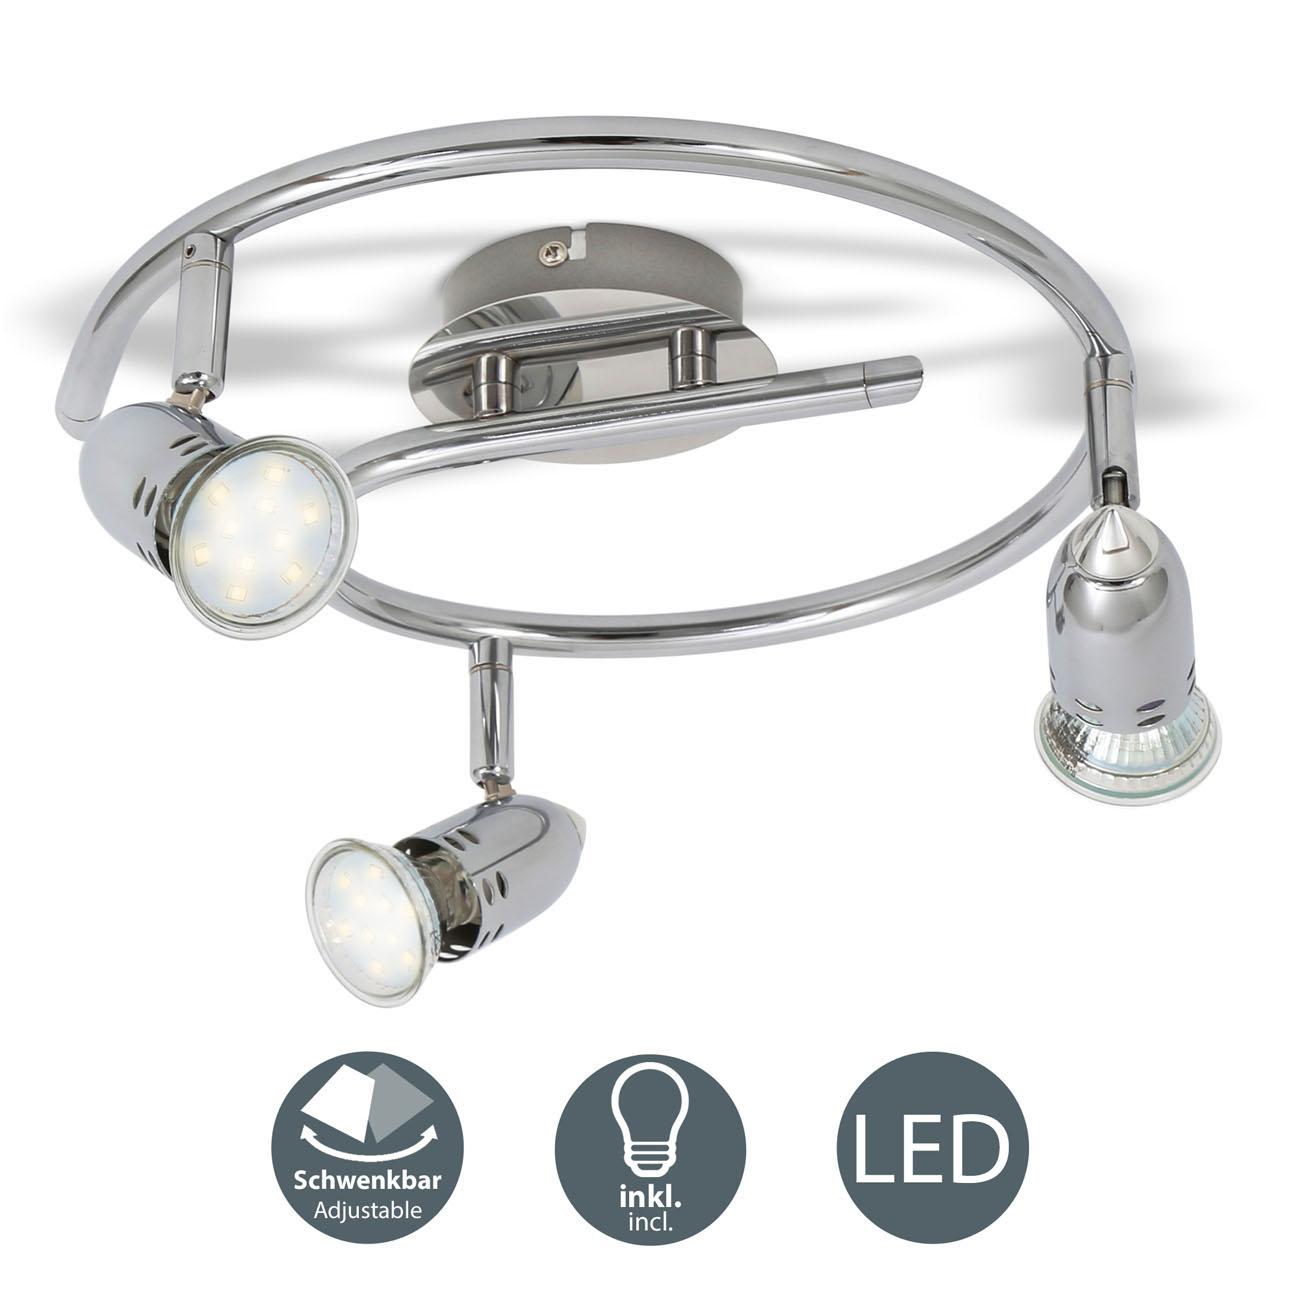 LED Deckenleuchte Spotleuchte GU10 - 3